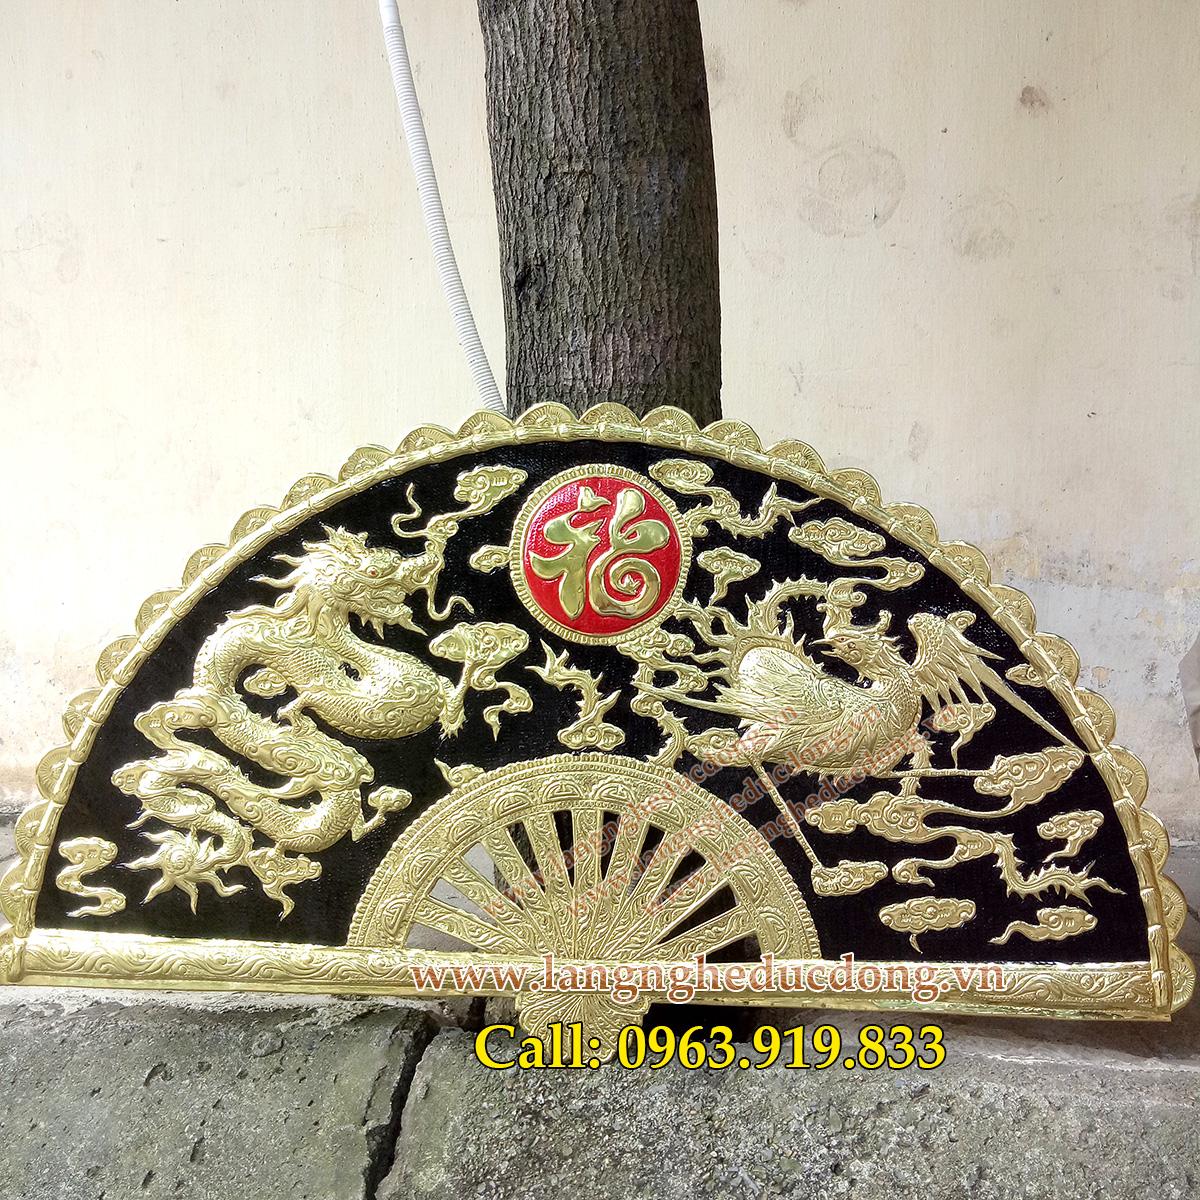 langngheducdong.vn - tranh đồng, quạt đồng, quạt song long bằng đồng